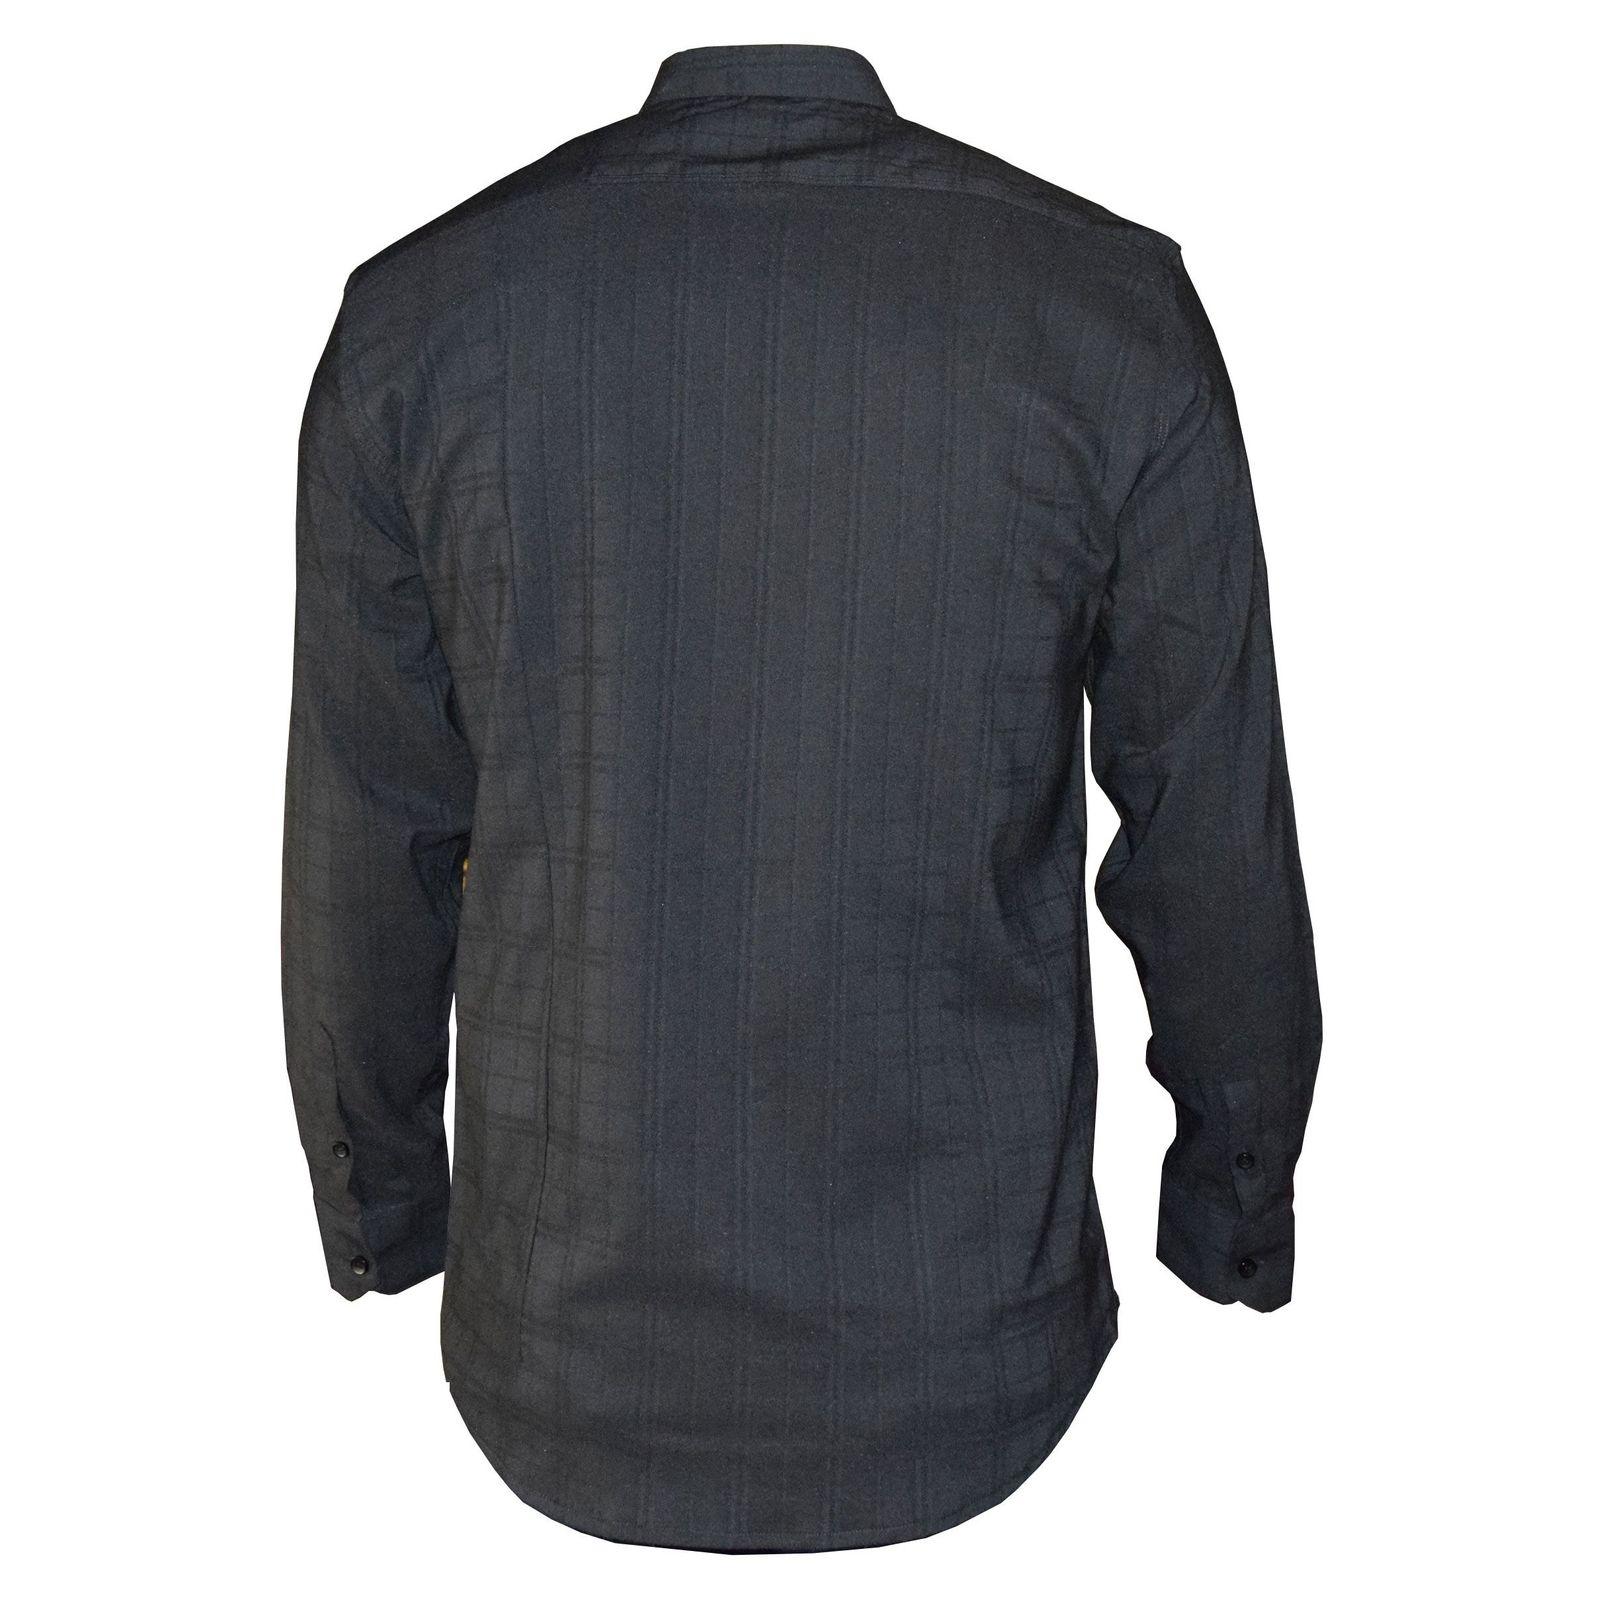 پیراهن مردانه پایتی جامه کد 1901439 main 1 2